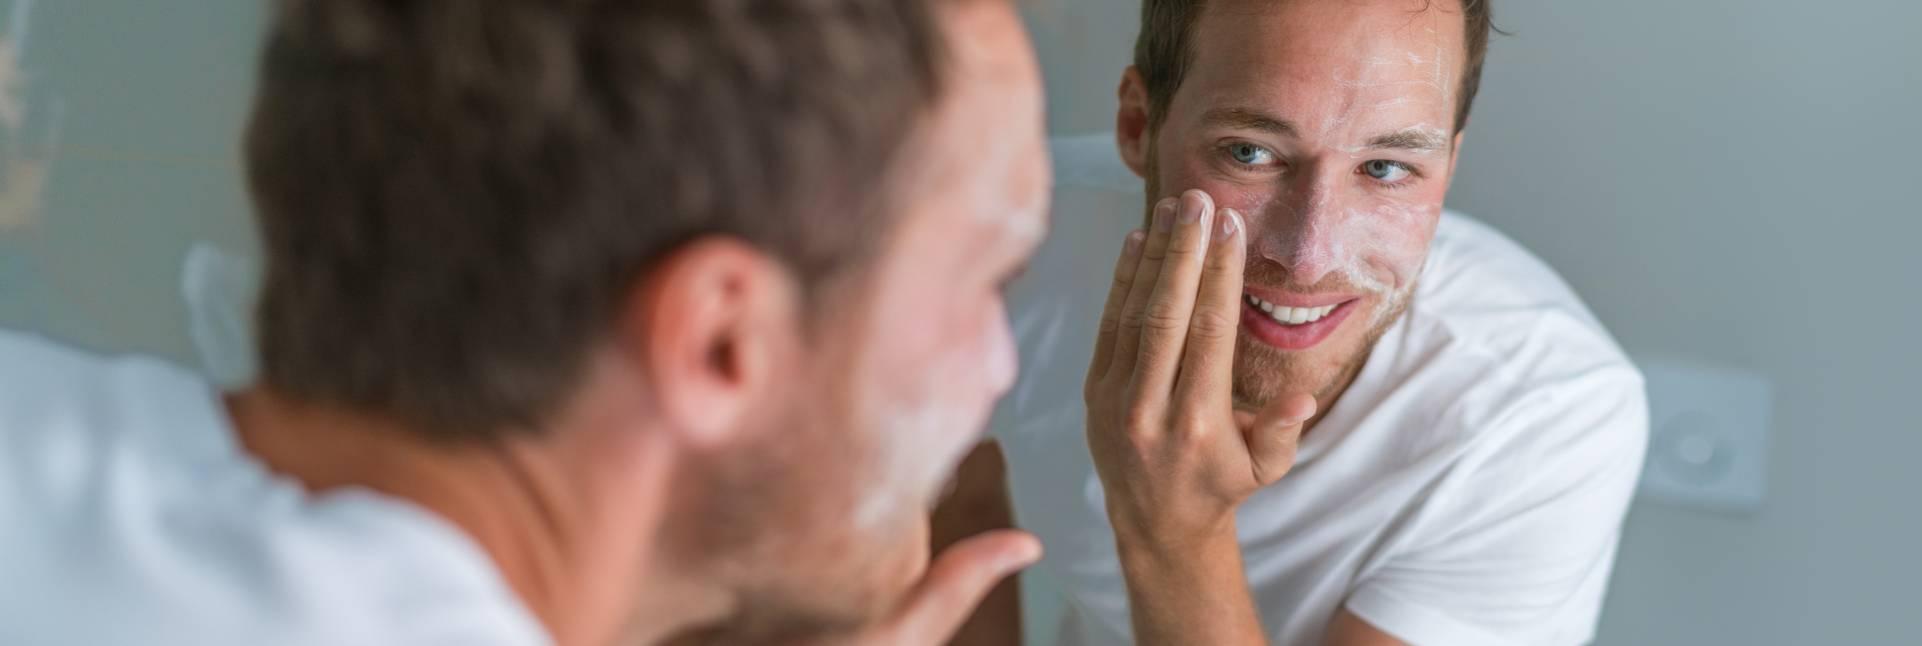 El efecto rebote del acné después del verano